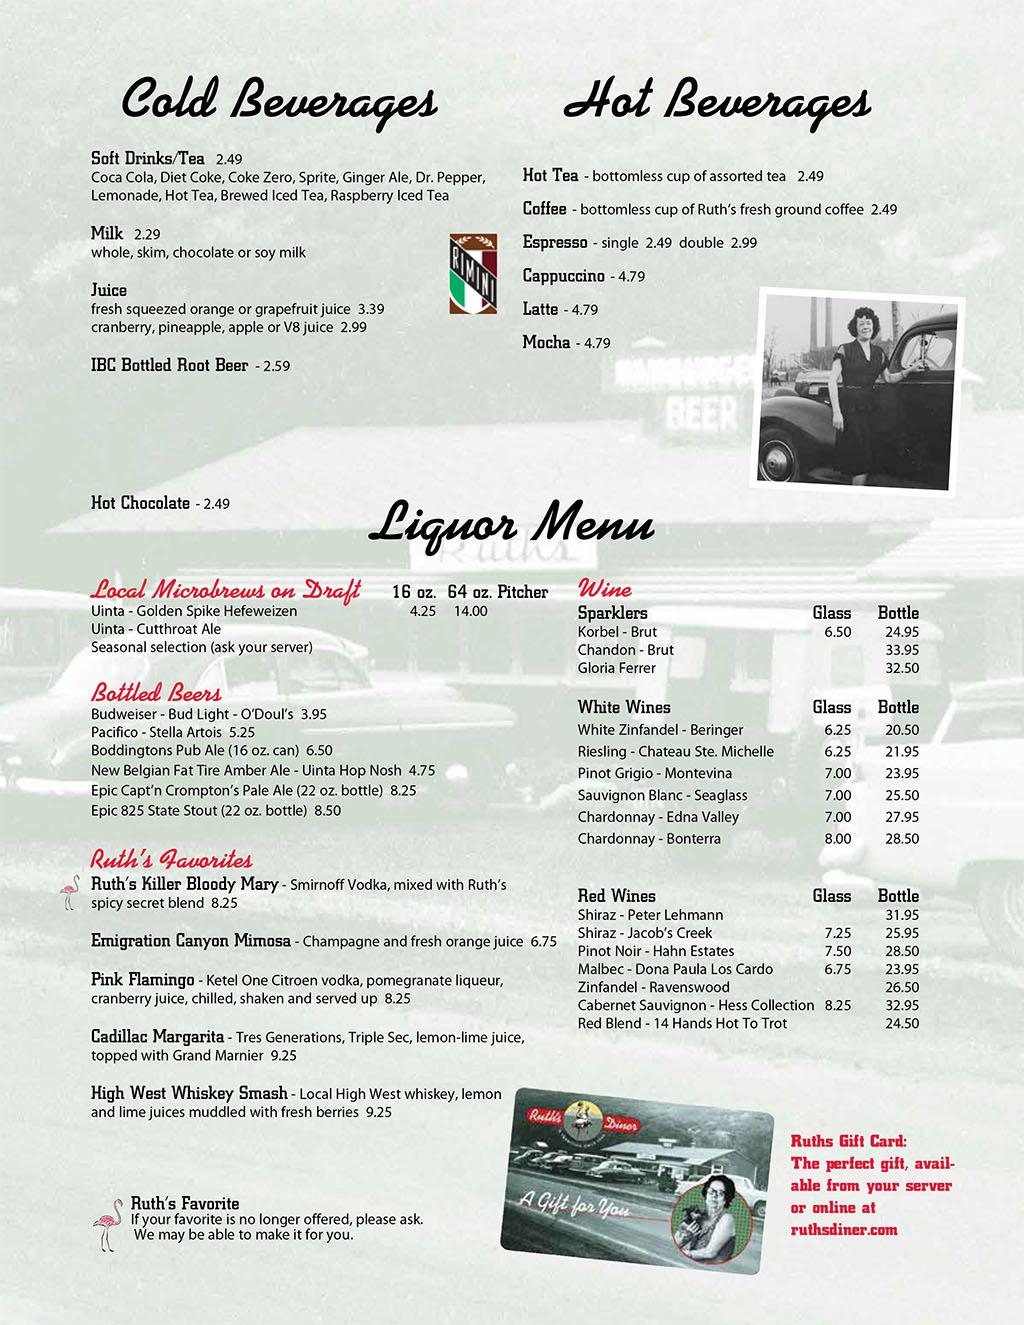 Ruths Diner menu - beverages